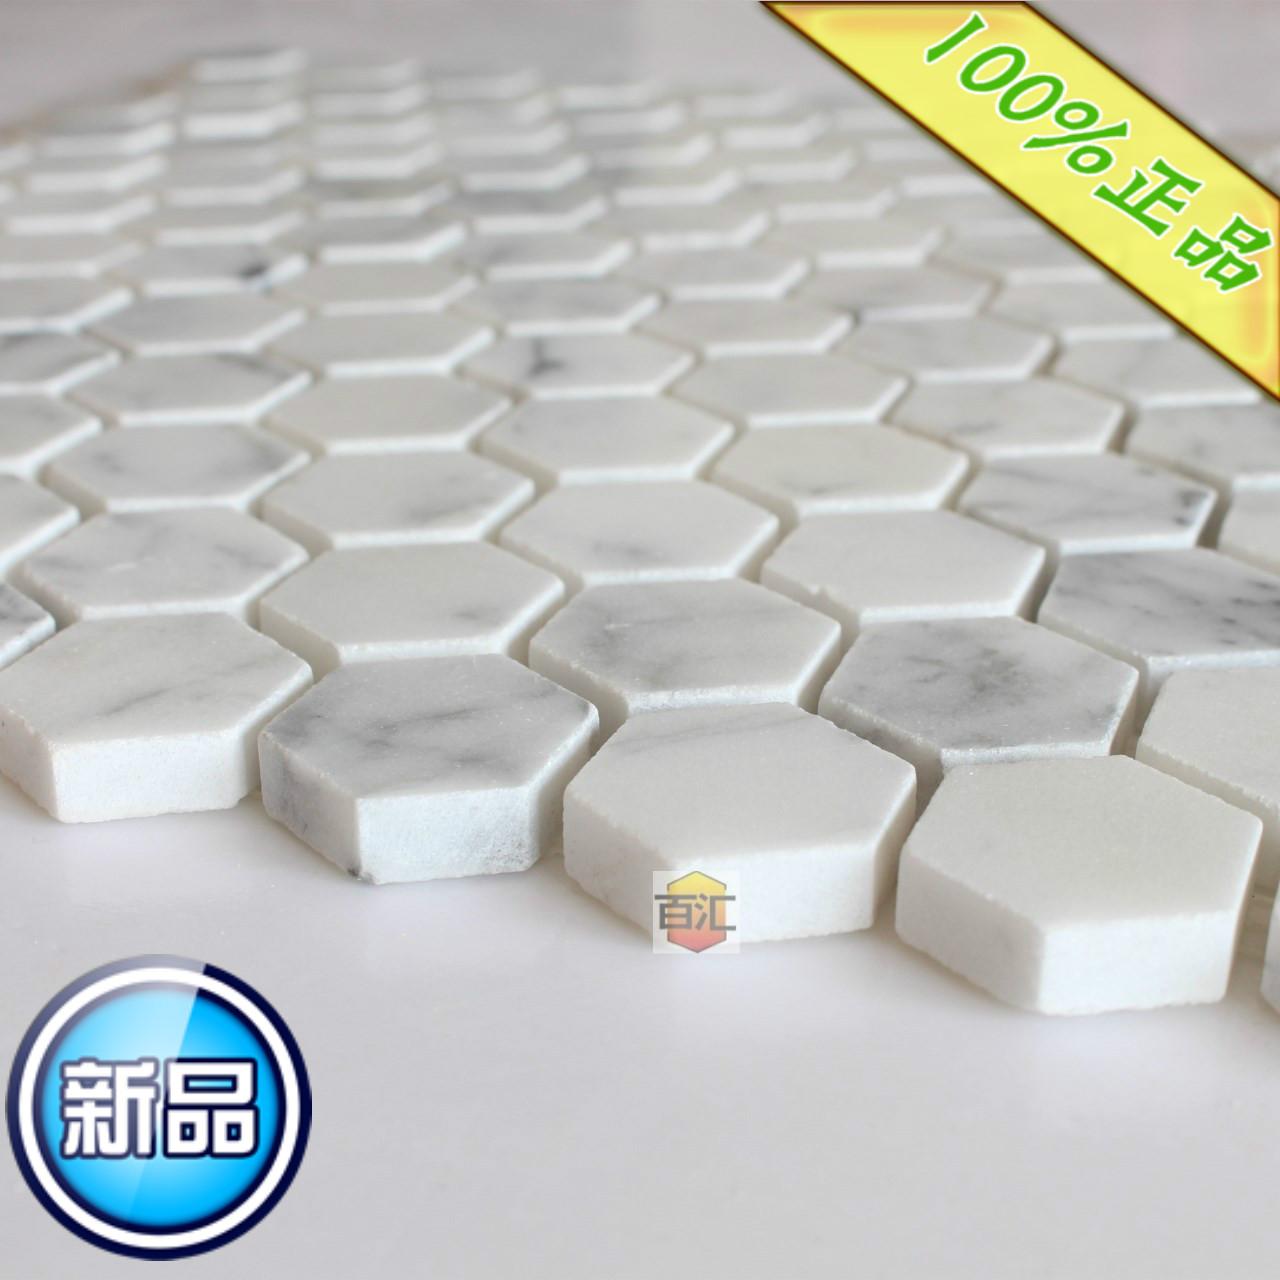 Marble Floor Tiles Carrara White Mosaic Tile Small Hexagonal Pieces